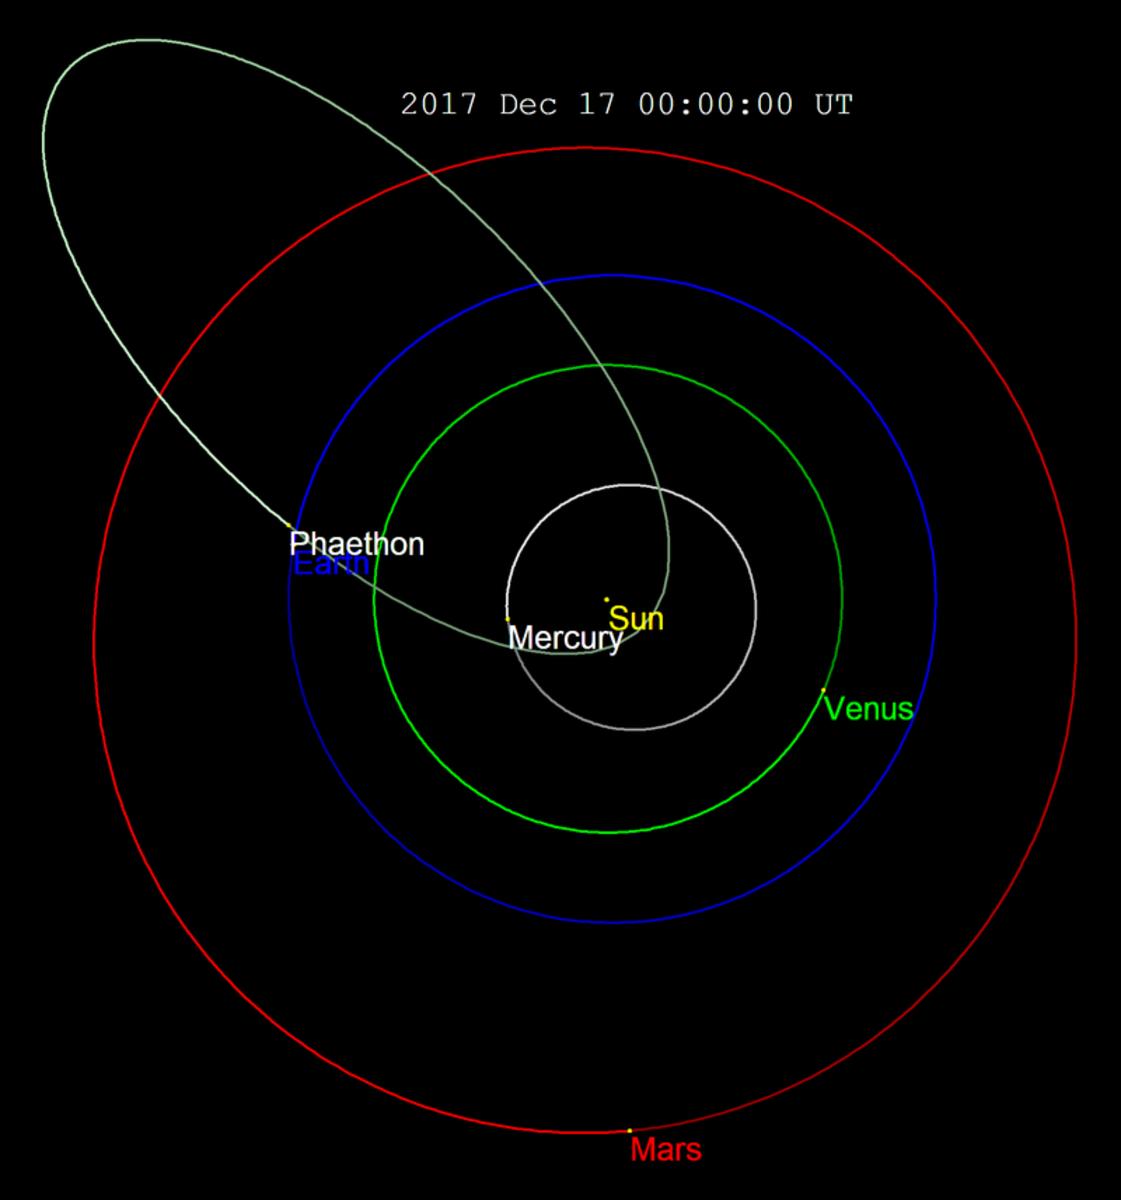 Asteroid 2300 Phaethon